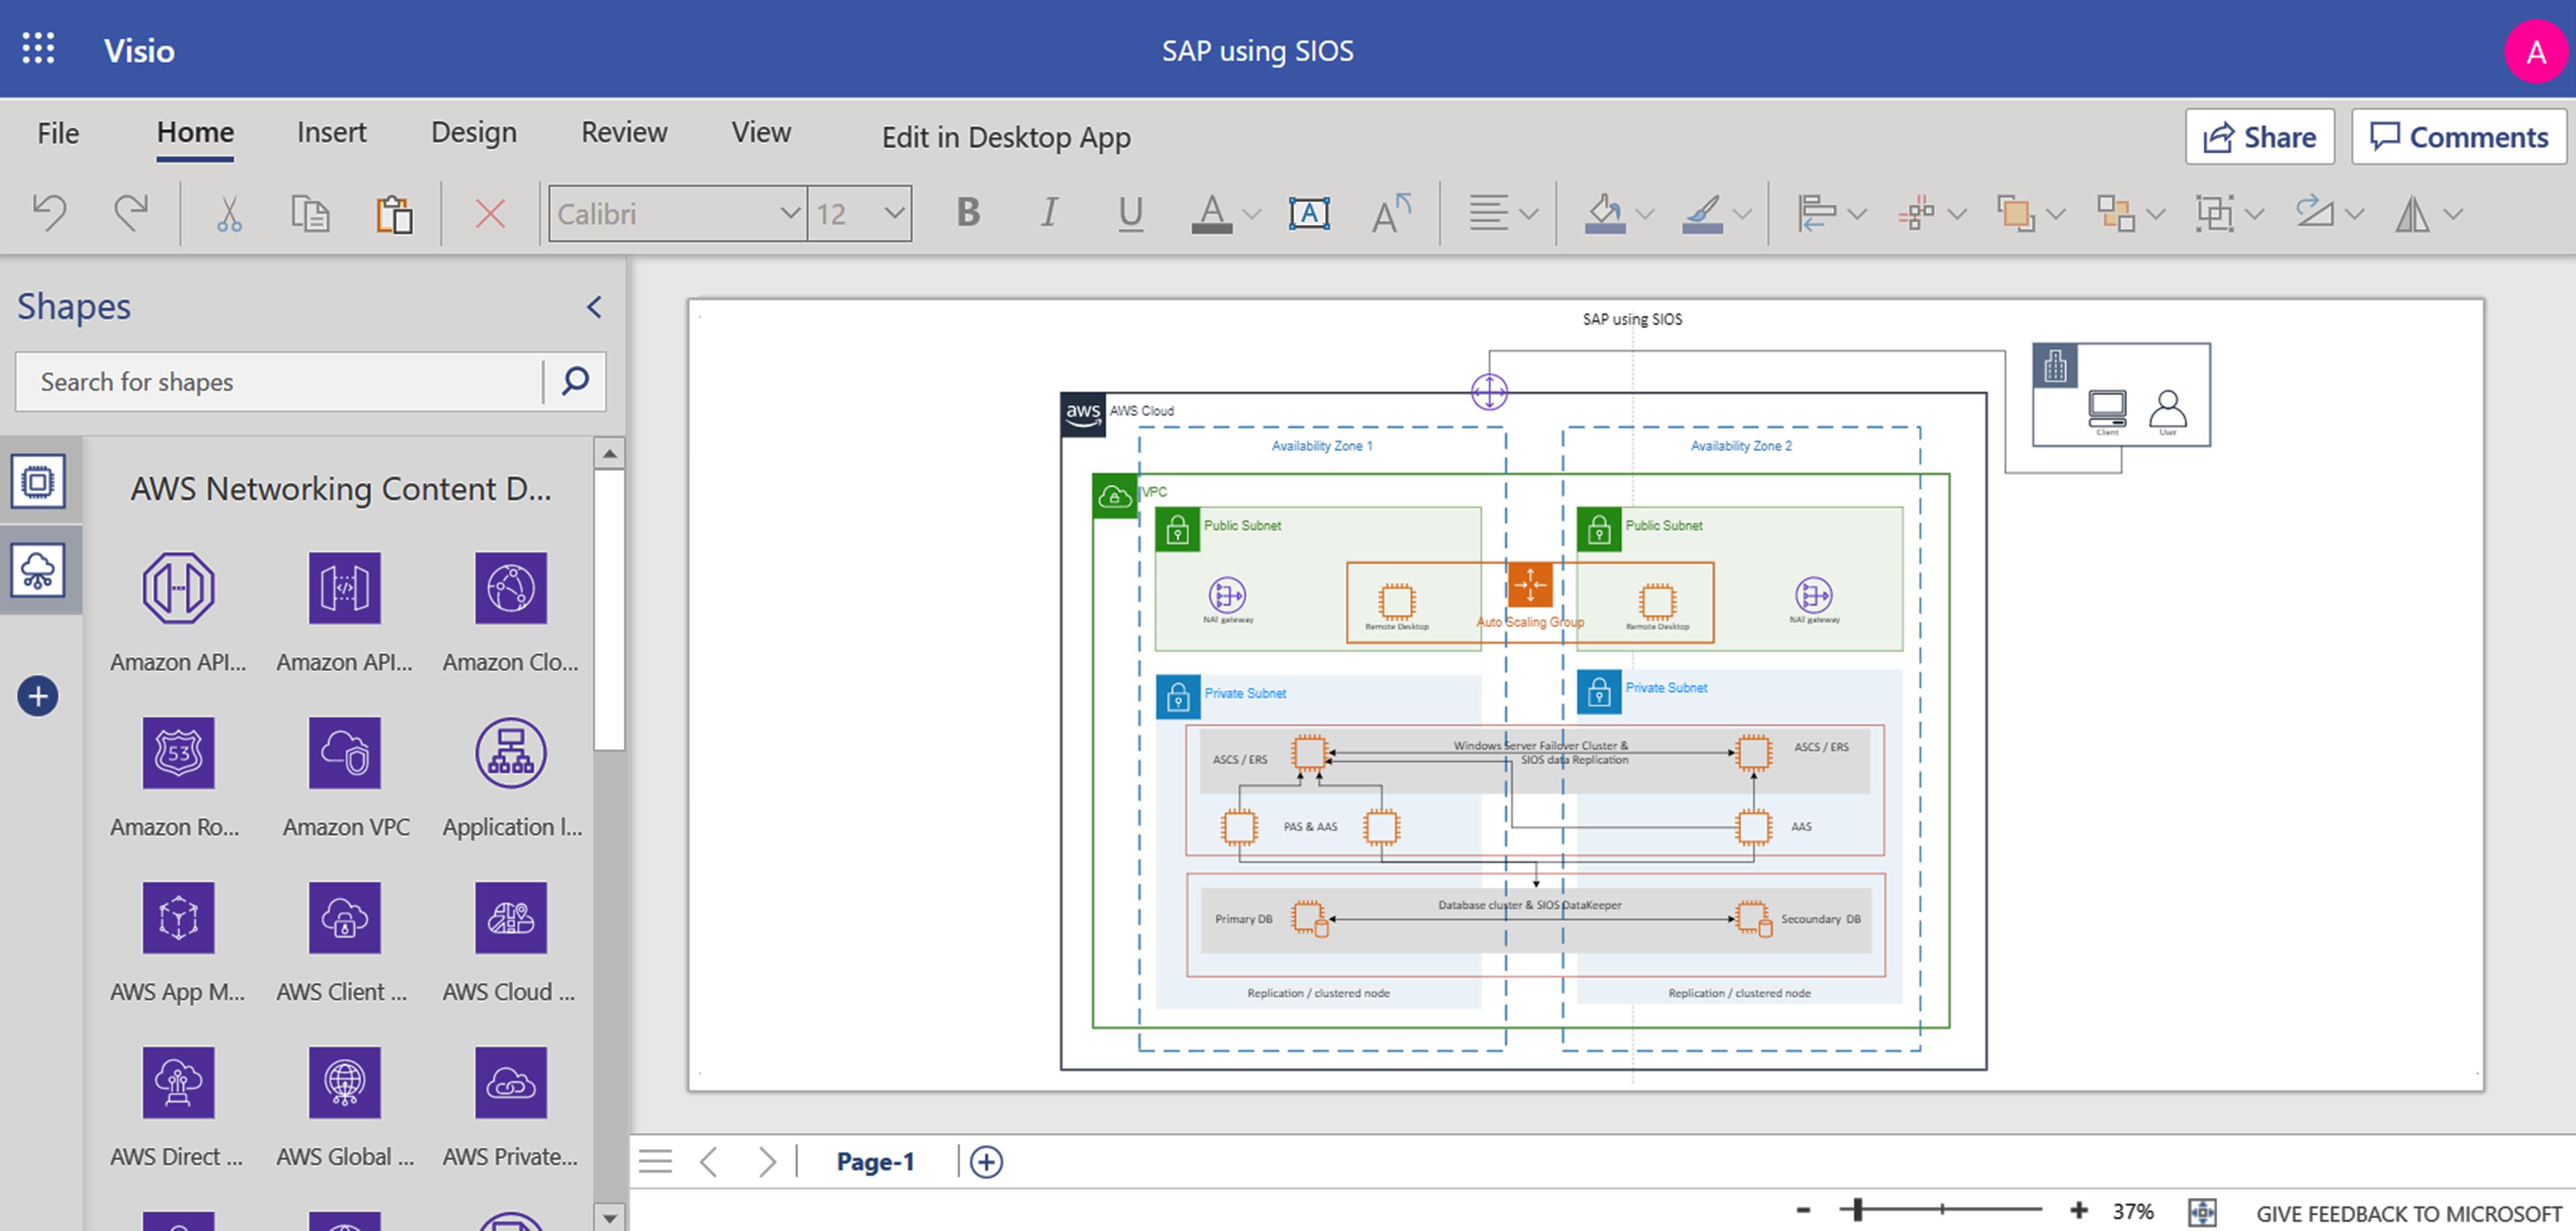 Cette capture d'écran montre un diagramme représentant un système SAP utilisant SIOS.